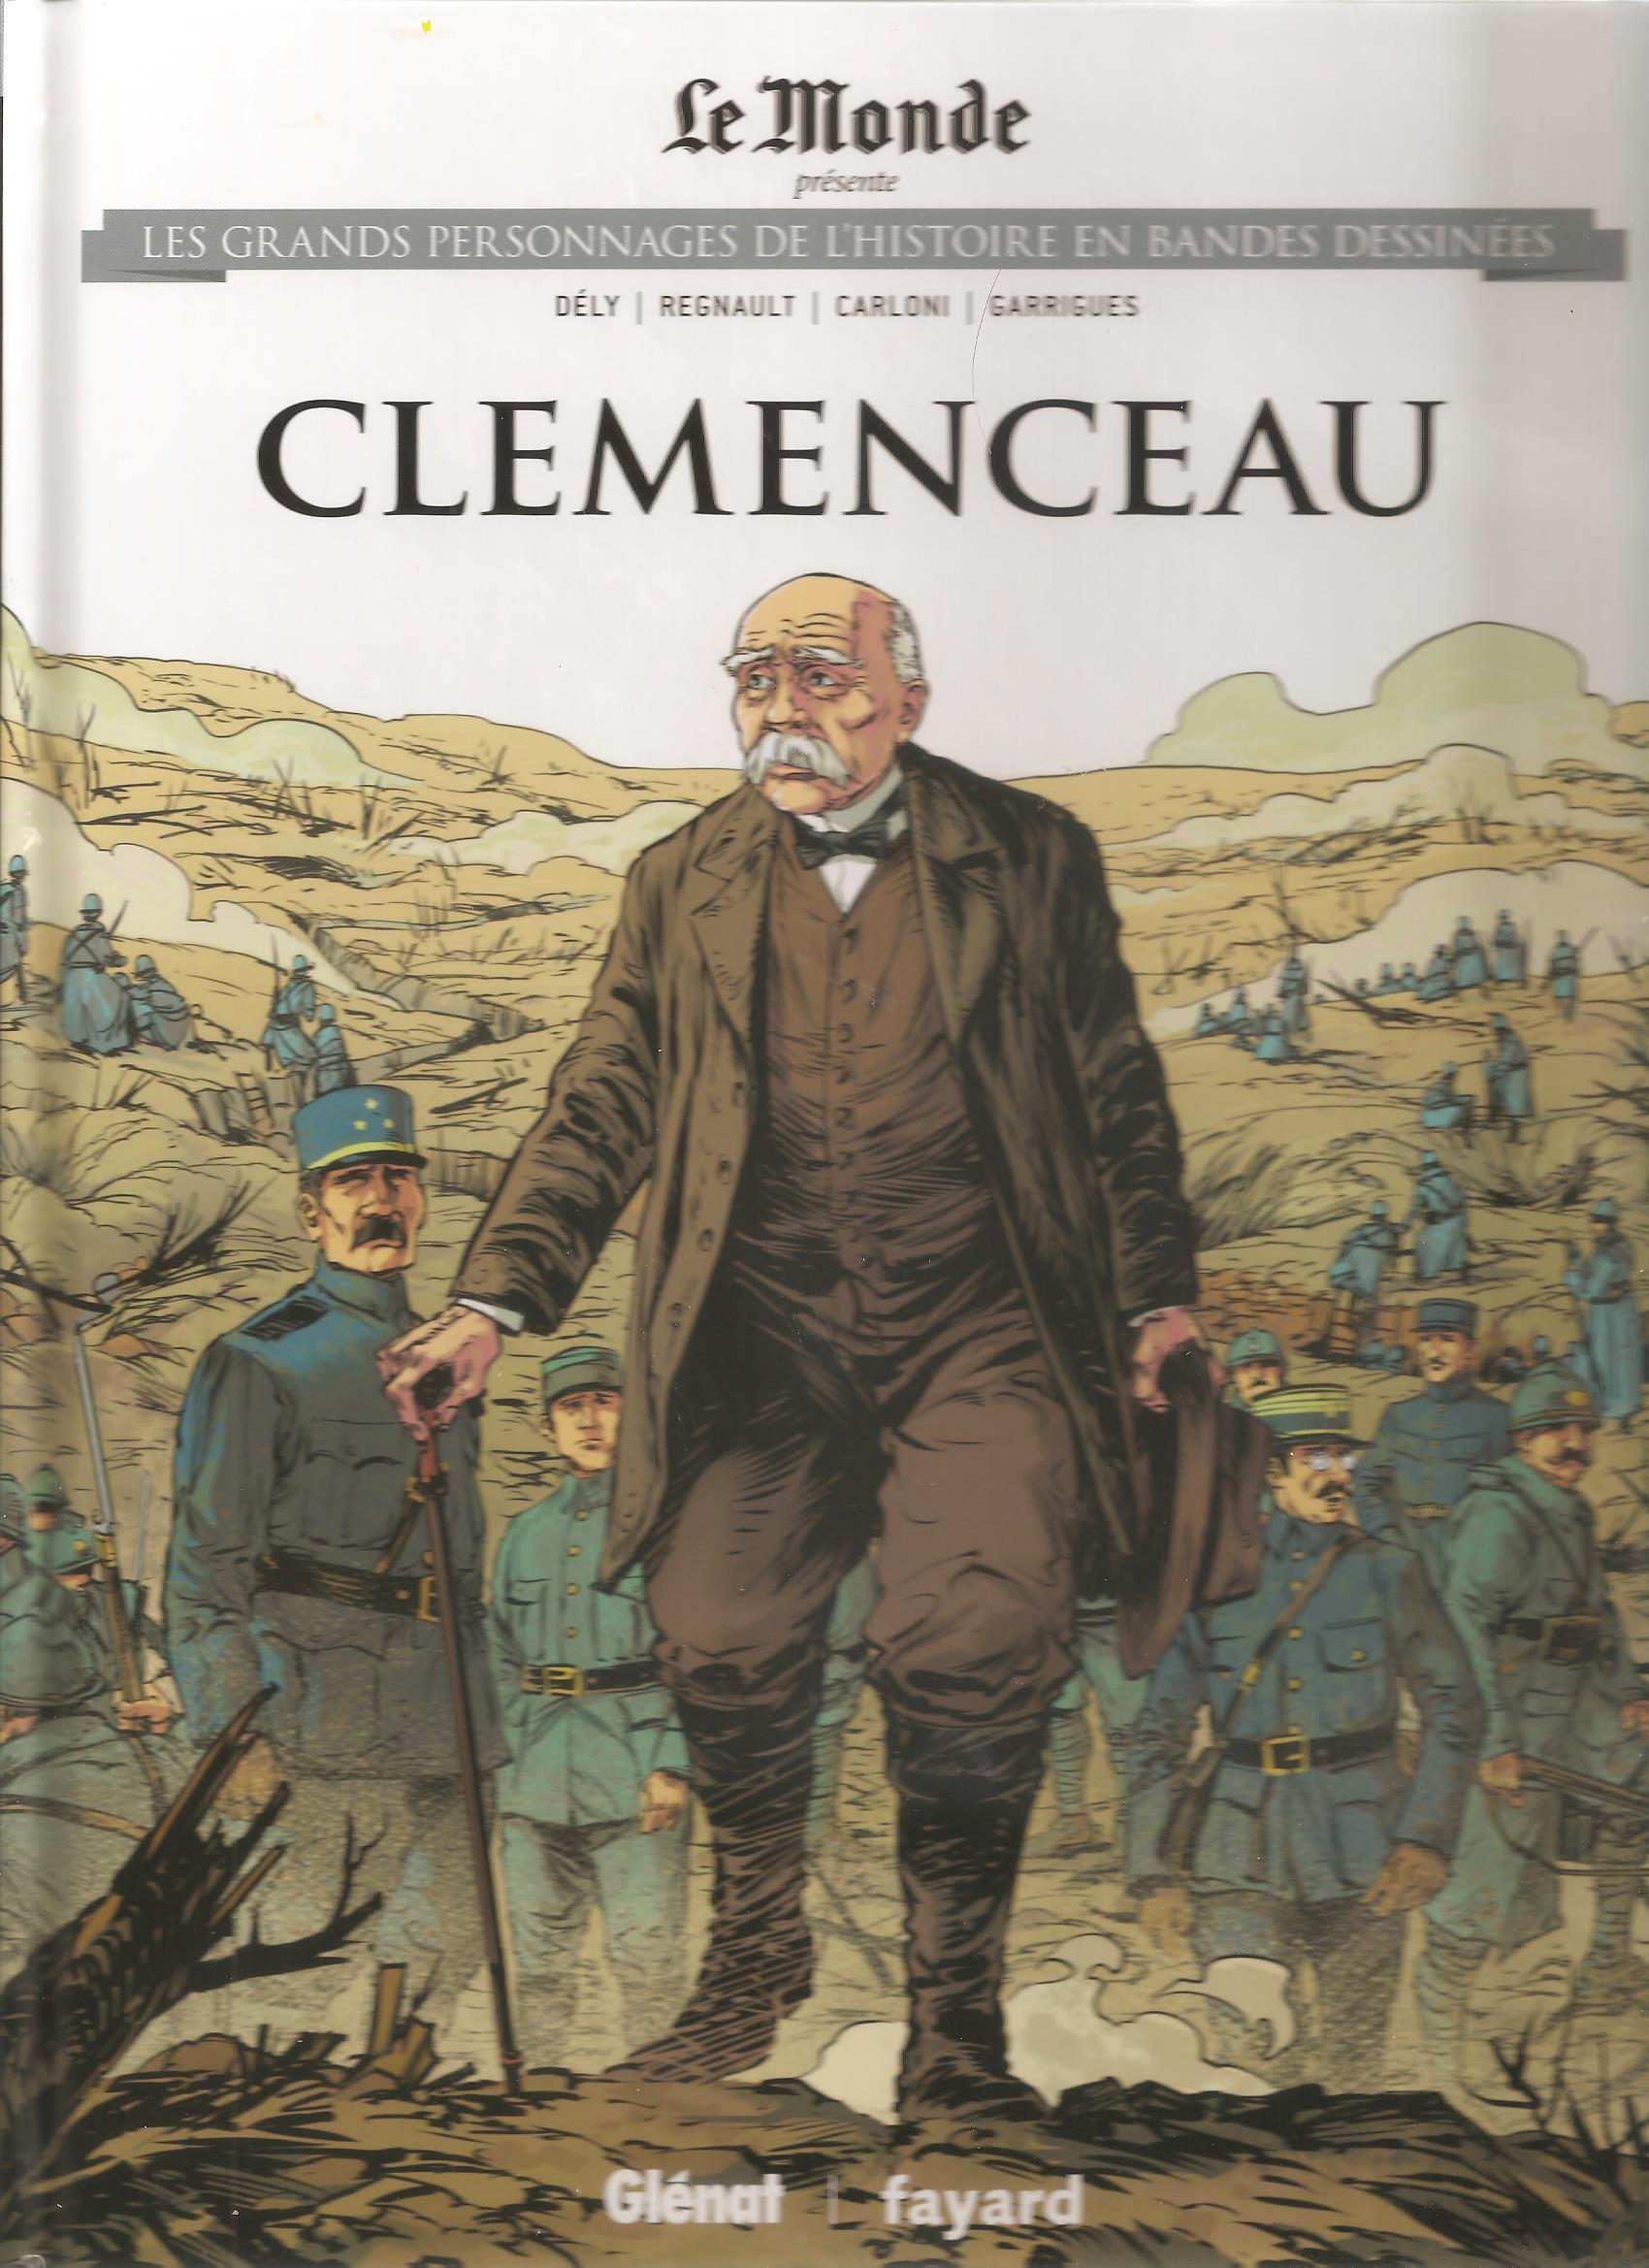 Les grands personnages de l'histoire en bandes dessinées 18 - CLEMENCEAU